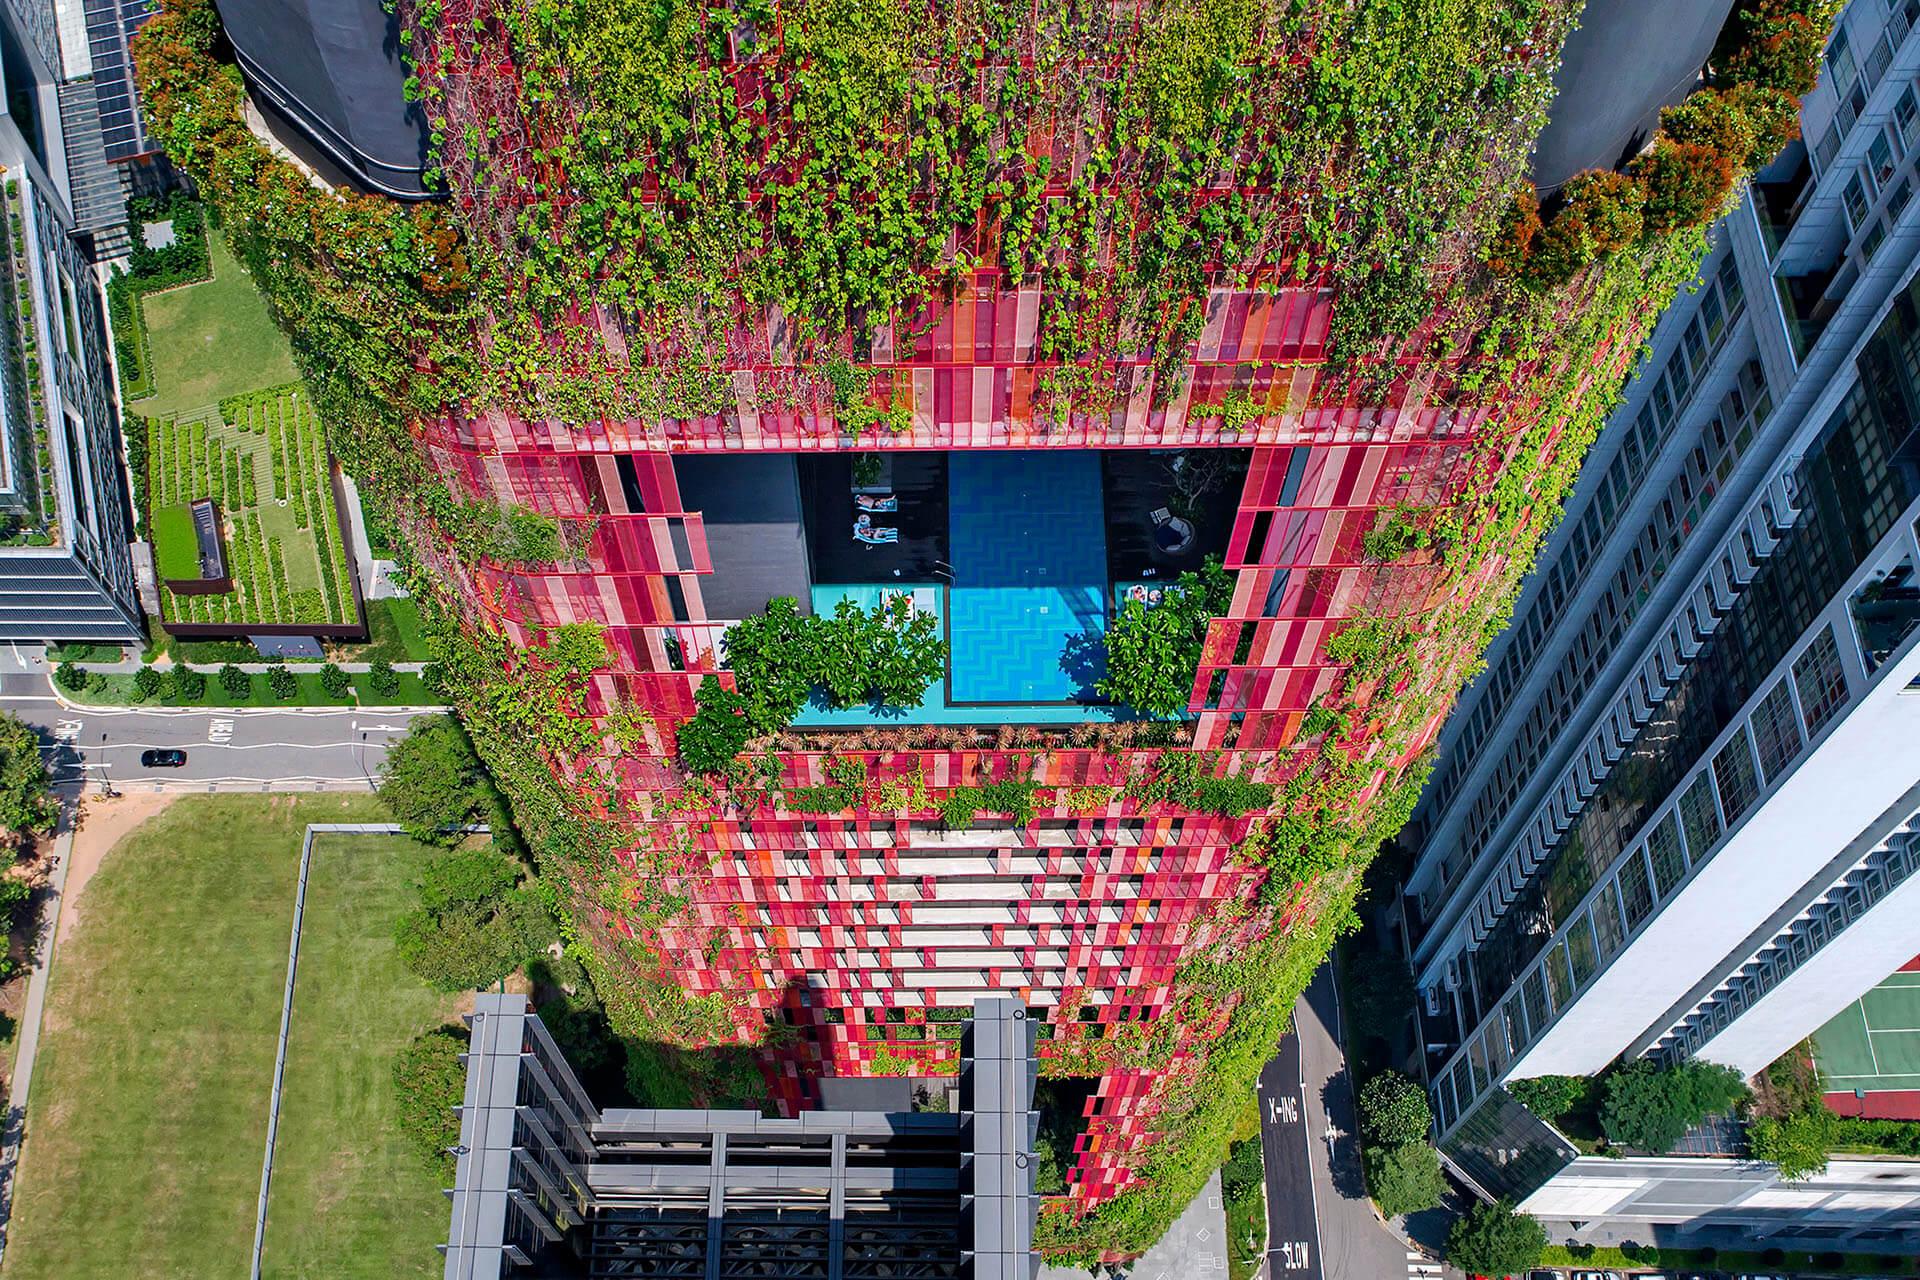 Oasia Hotel Singapore More Sports More Architecture